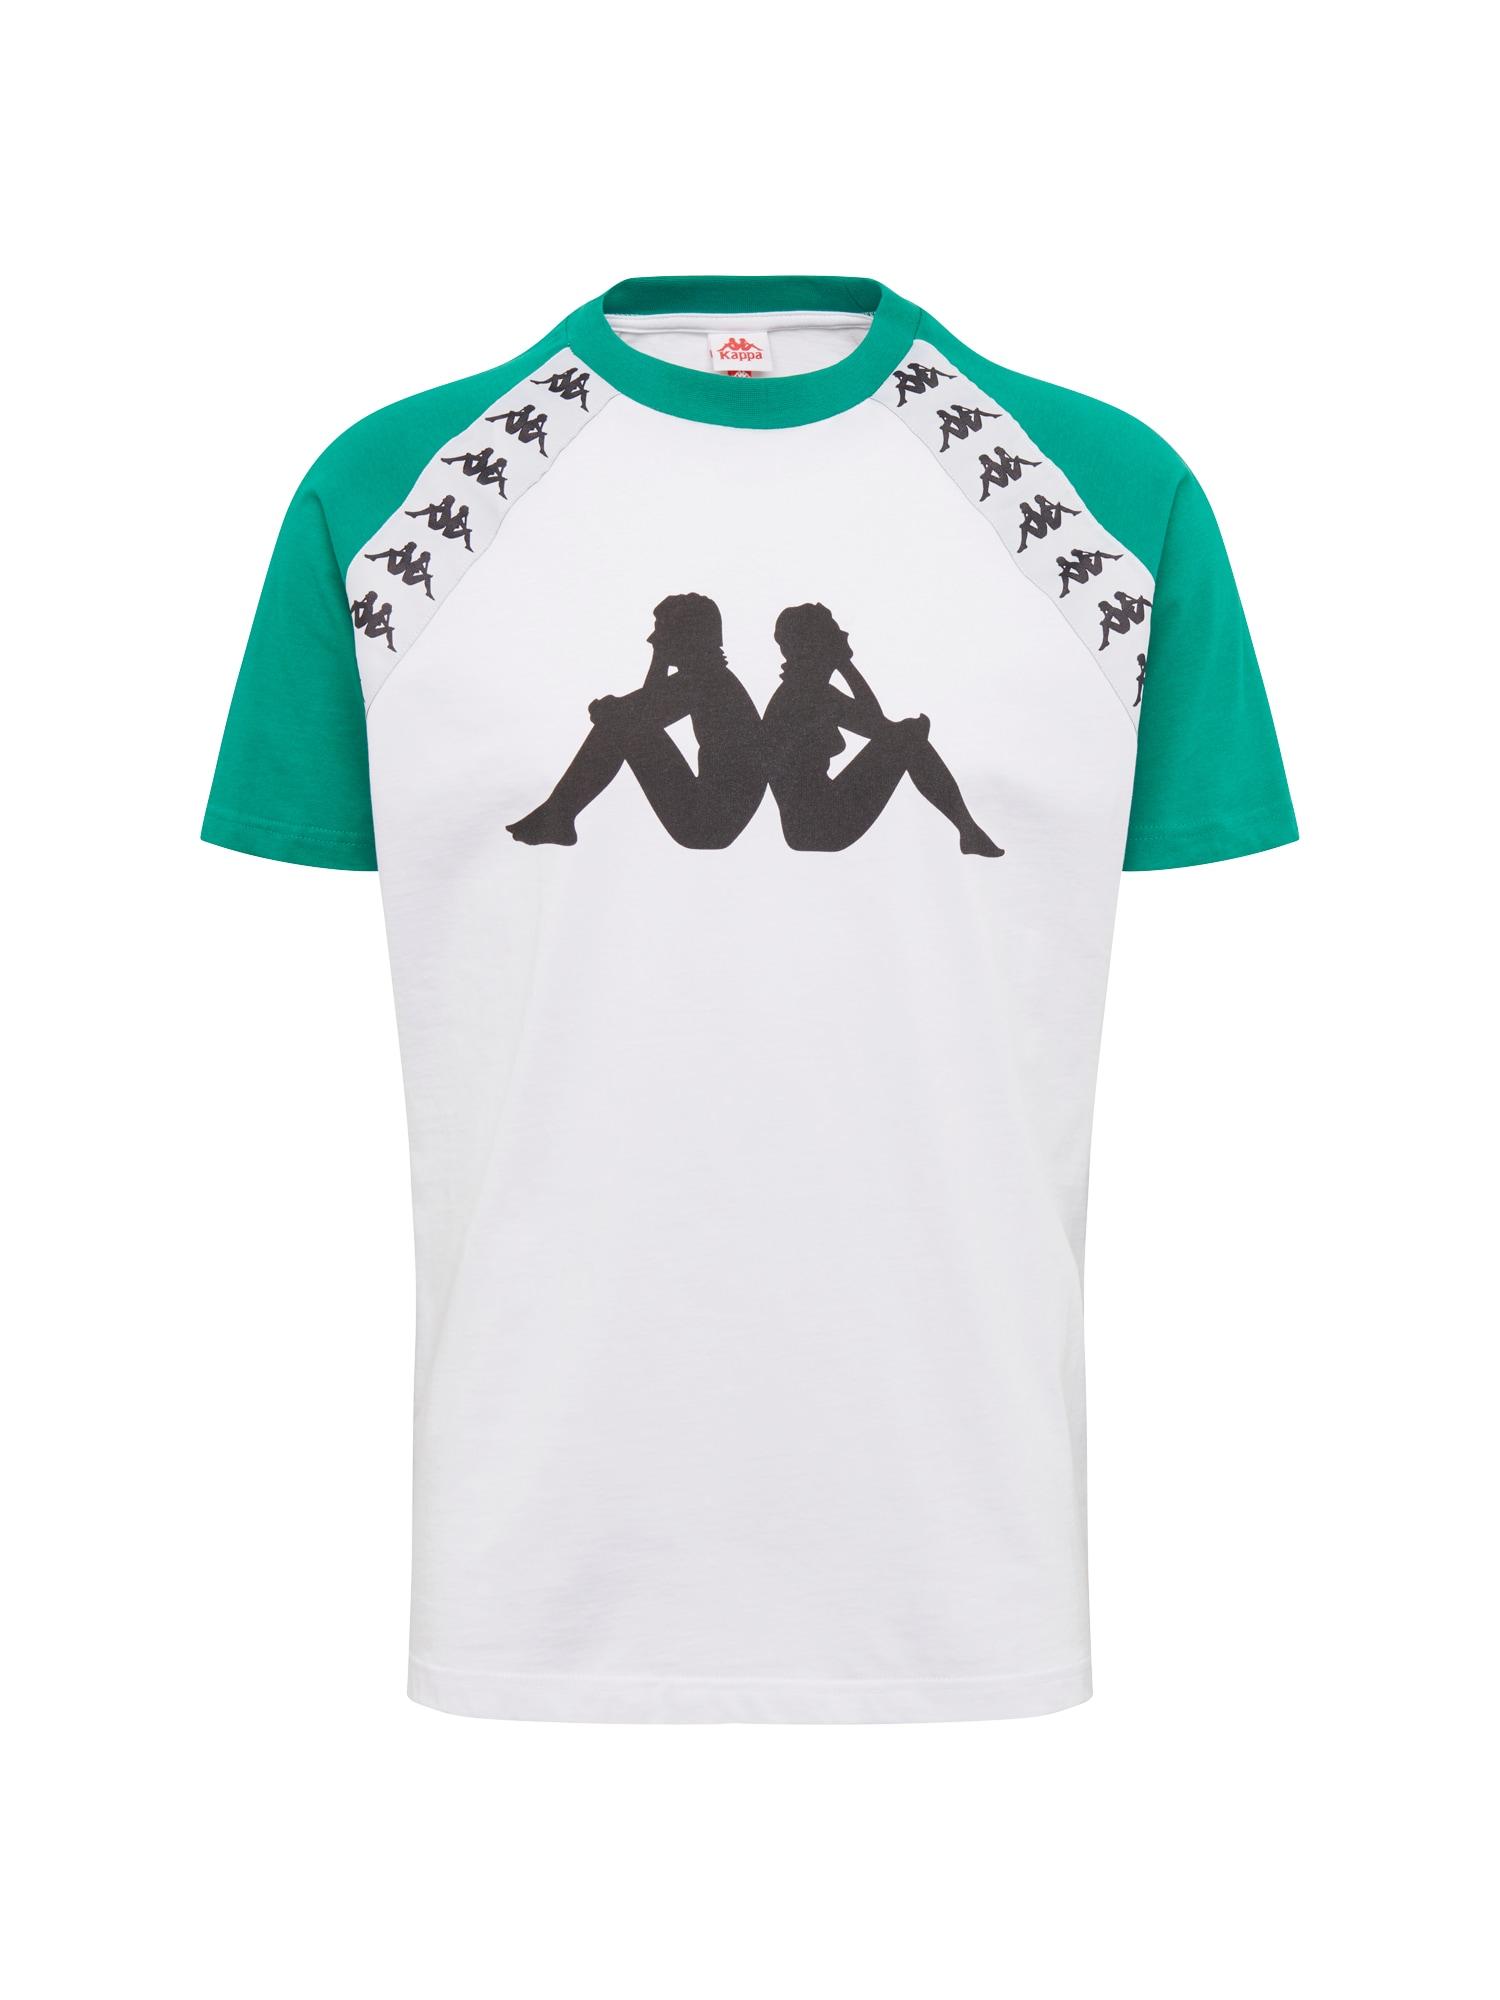 Tričko Banda Bardi tmavě zelená černá bílá KAPPA